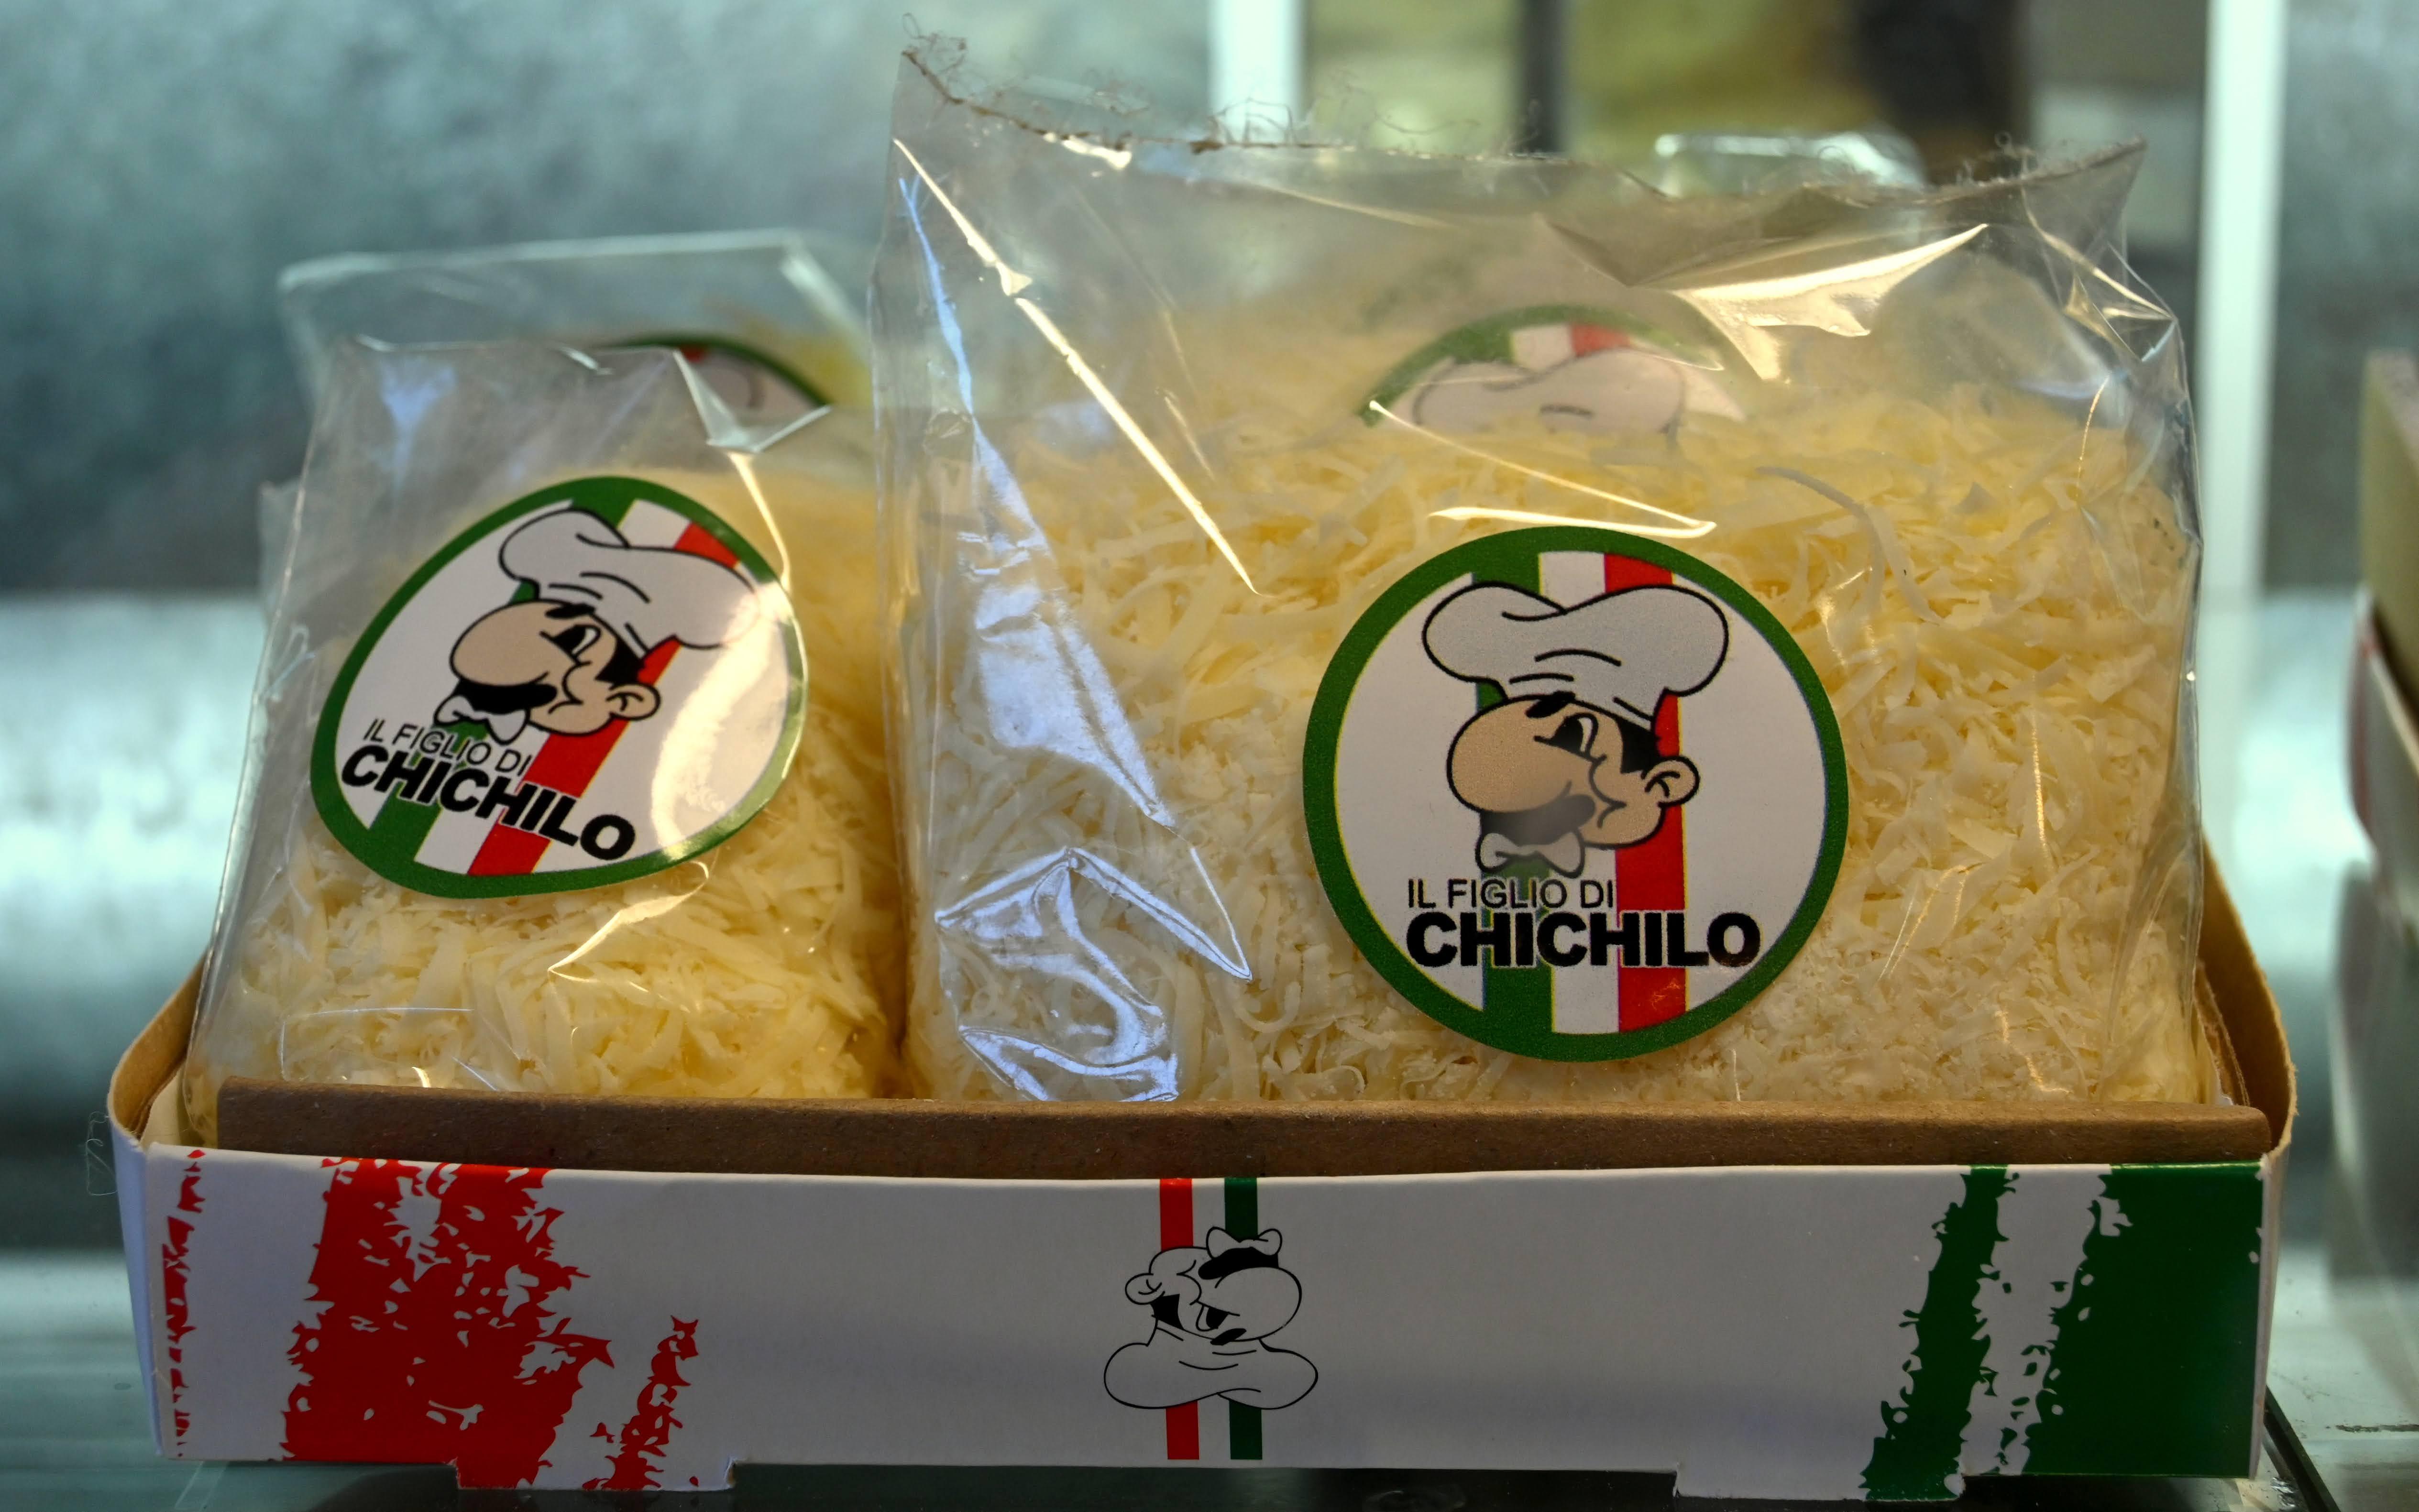 chichilo